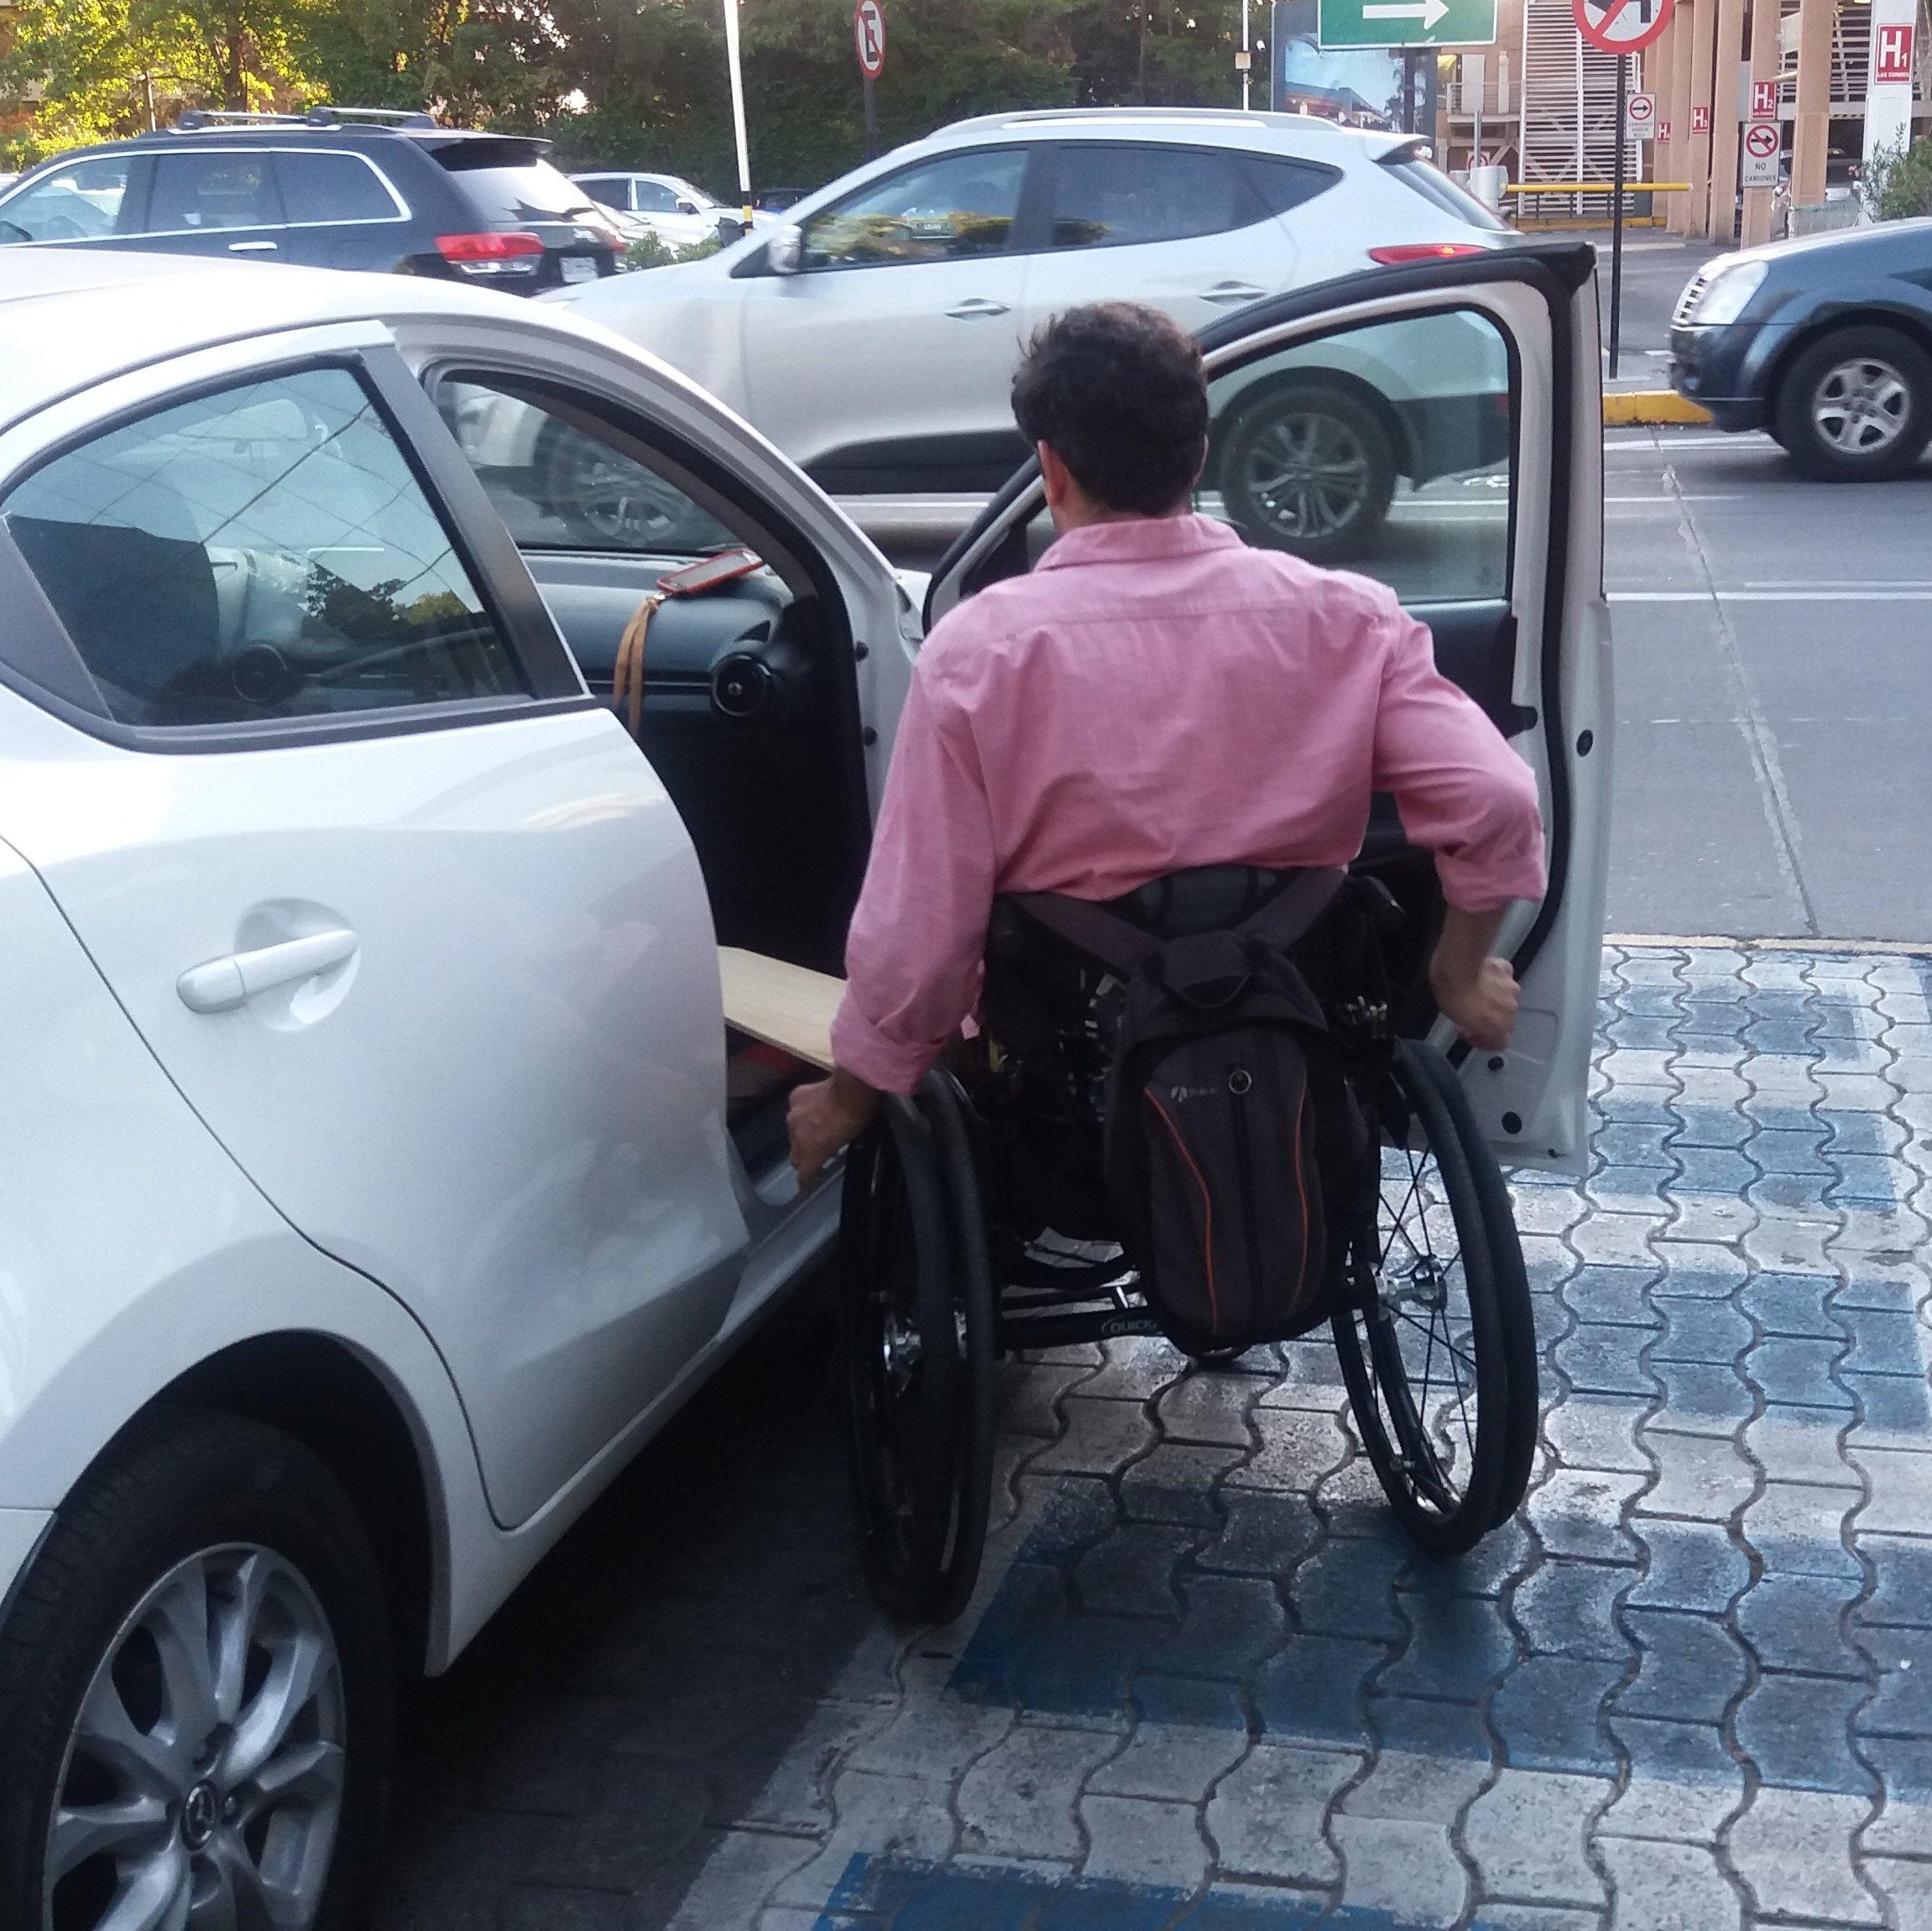 persona en silla de ruedas subiendo a un auto